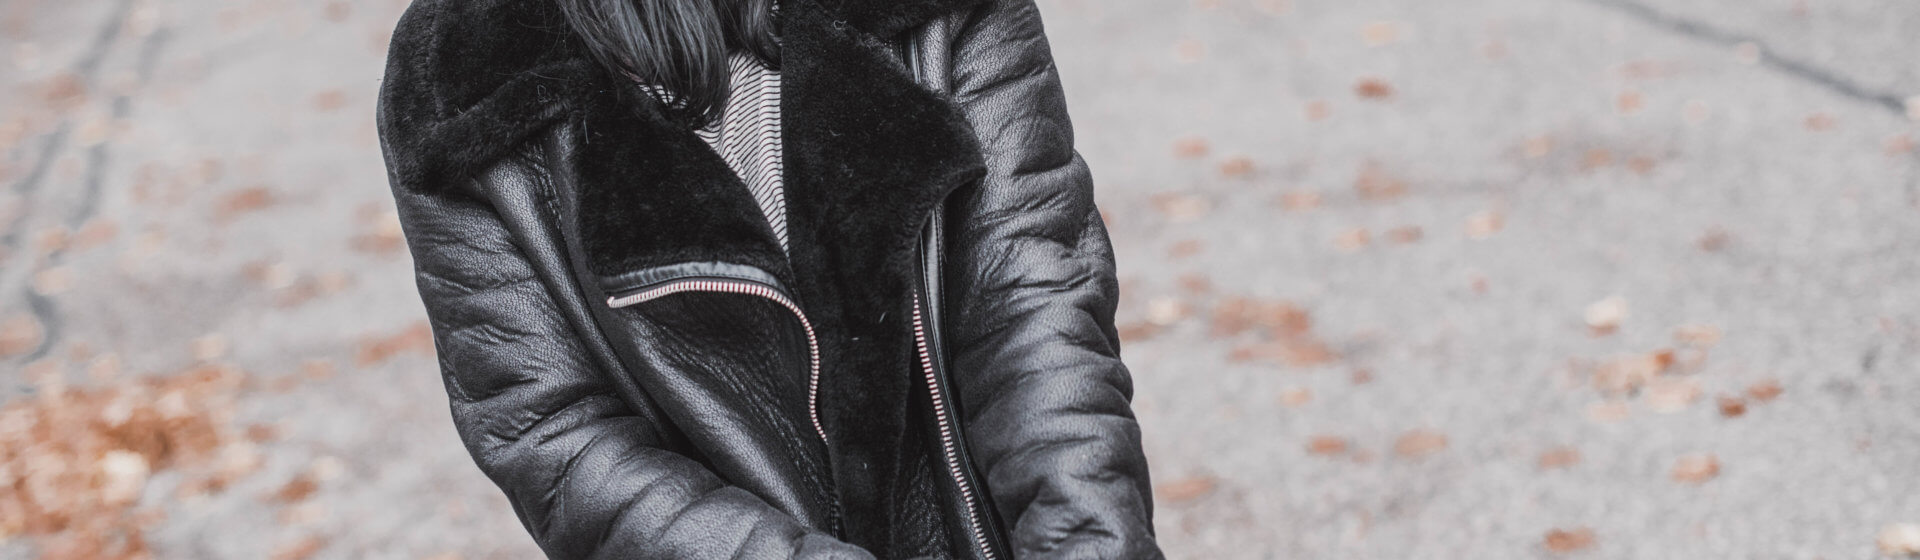 Winterjacken im Bikerstyle - Must Have für coole Winterlooks Shoelove Deichmann